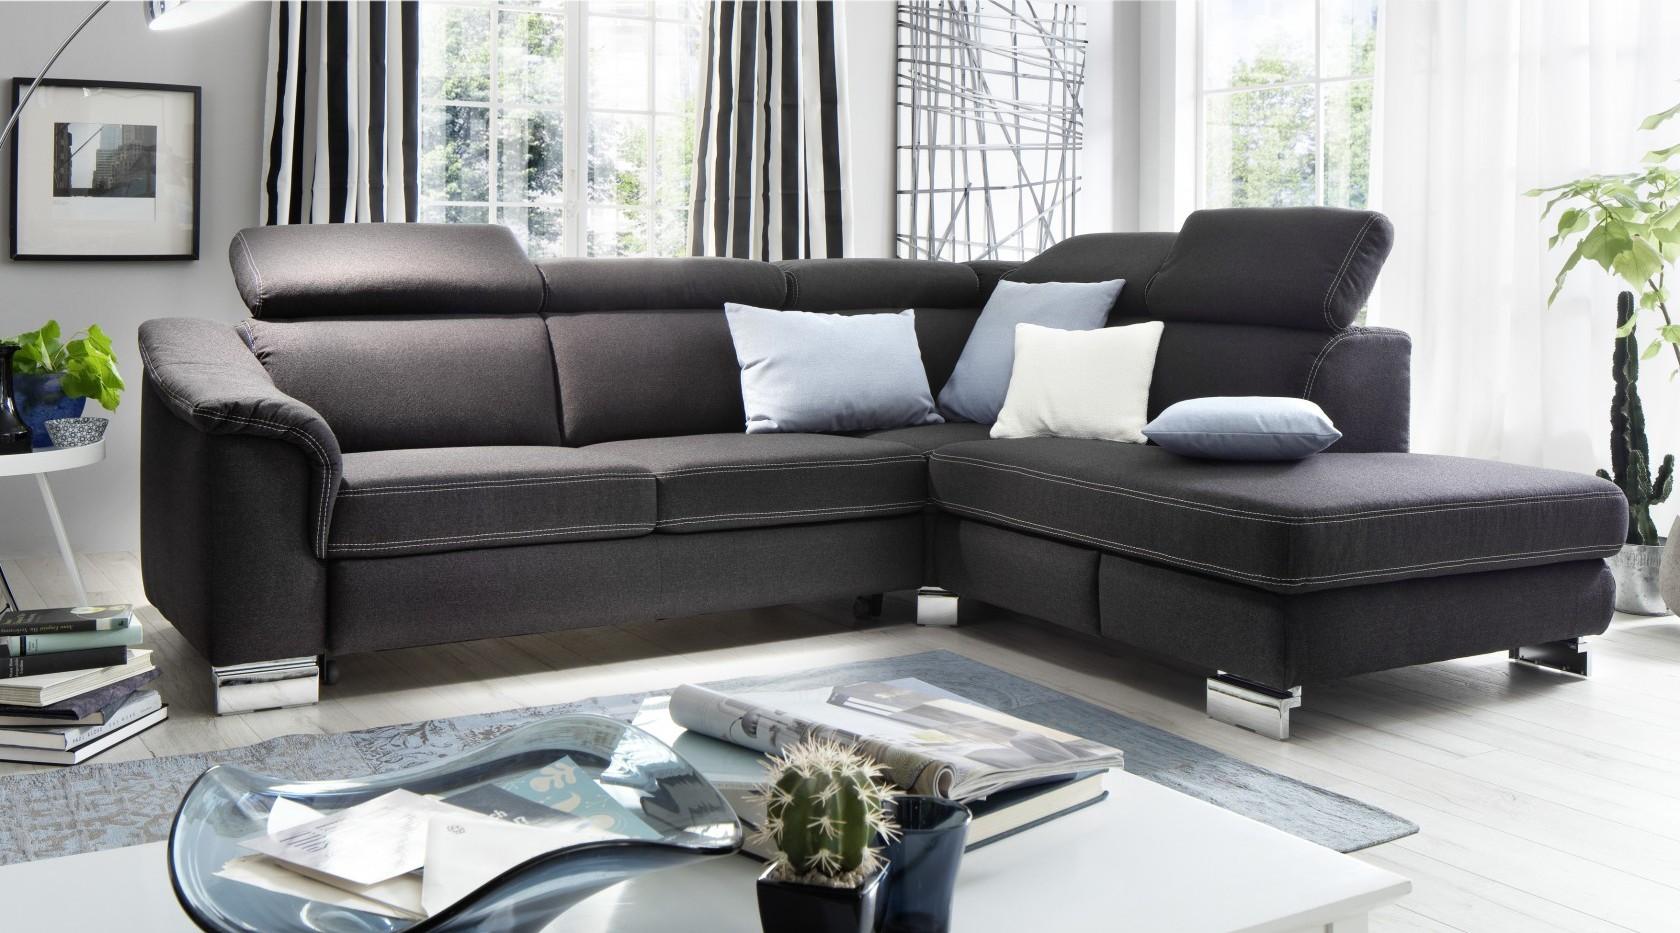 m bel k chen nordhorn m bel nordhorn m bel faber. Black Bedroom Furniture Sets. Home Design Ideas